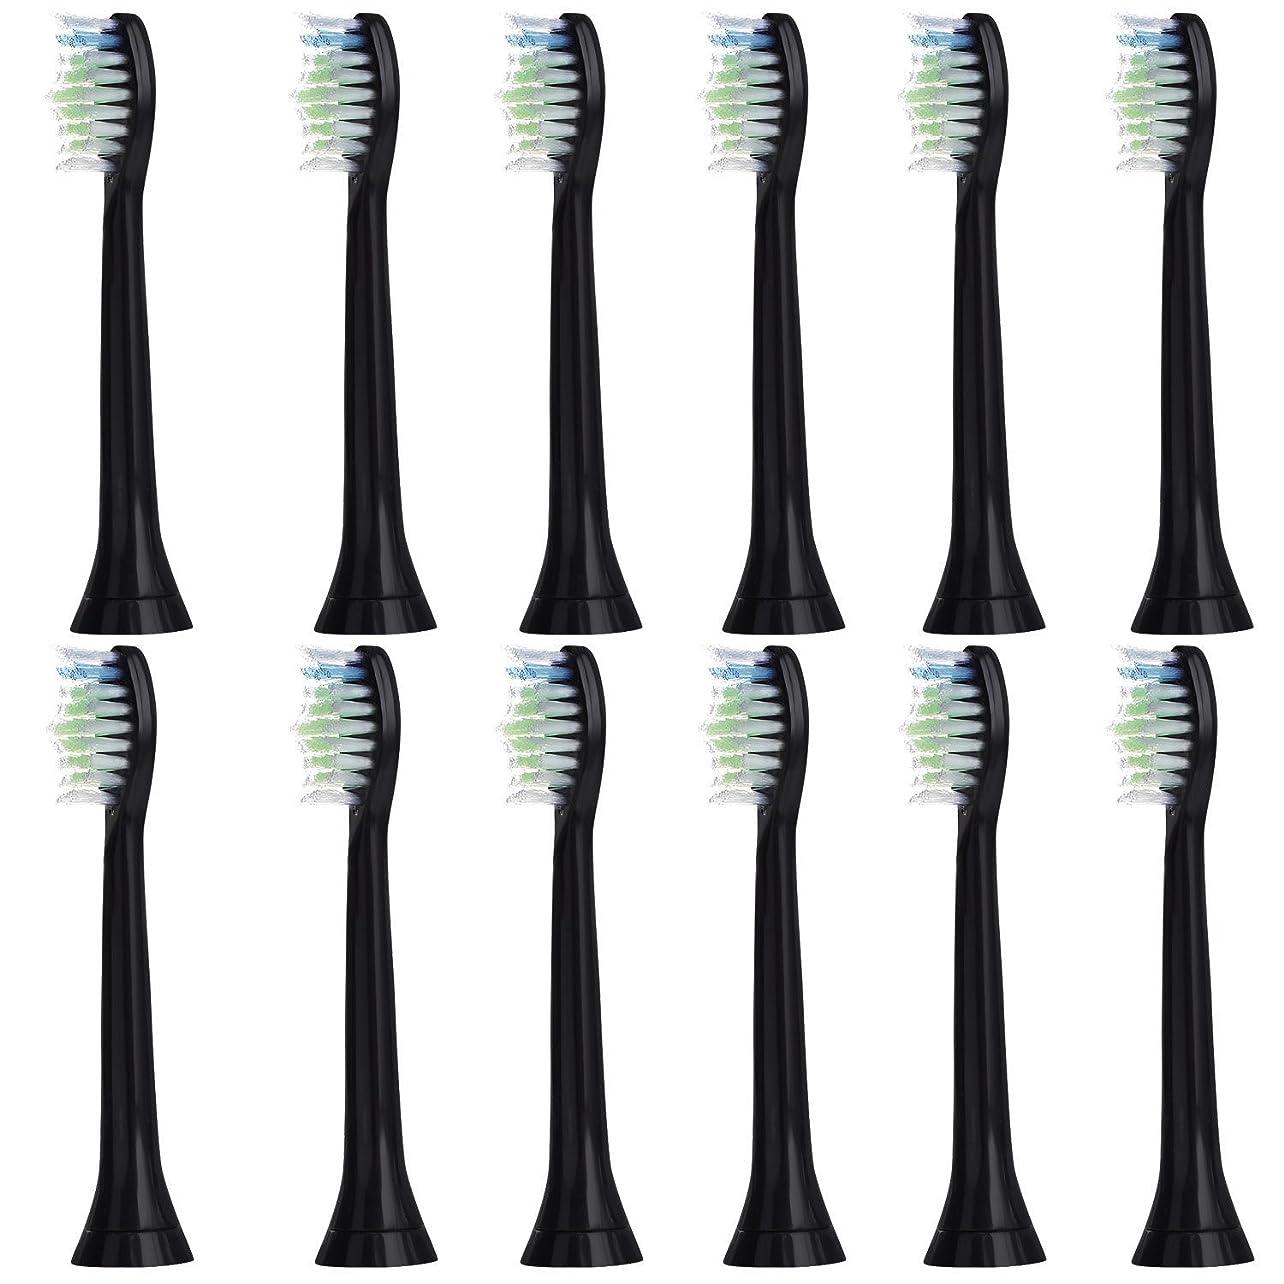 一族チャンピオン先例12個セット (3x4) E-Cron? Philips ソニッケアーダイヤモンドクリーン ブラック替ブラシ。次のフィリップス電動歯ブラシのモデルとの完全互換性があります: DiamondClean、FlexCare、FlexCare Platinum、 FlexCare(+)、 HealthyWhite、2シリーズ、EasyClean およびPowerUp。